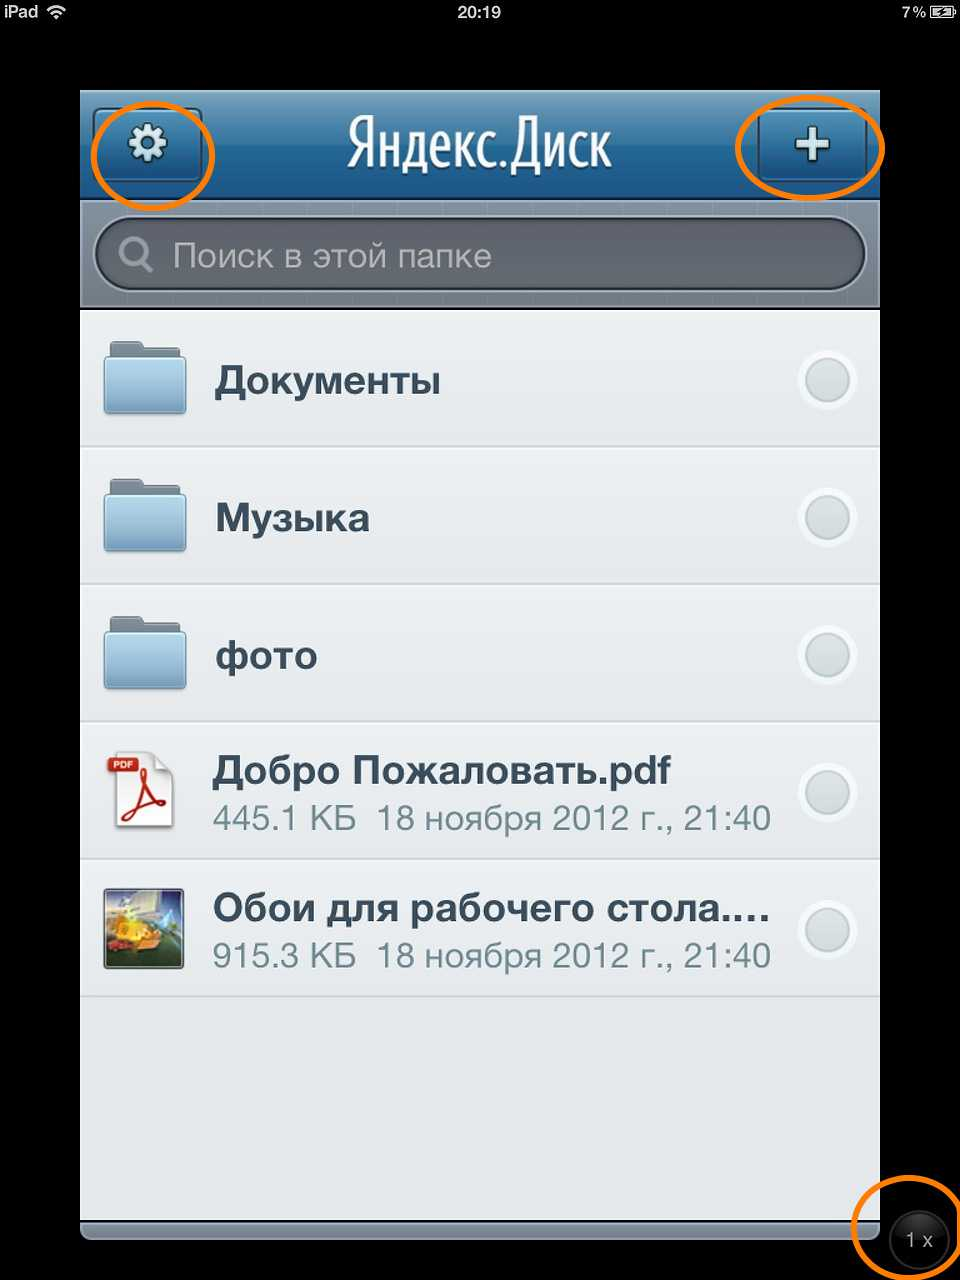 Как отправить фото с ipad